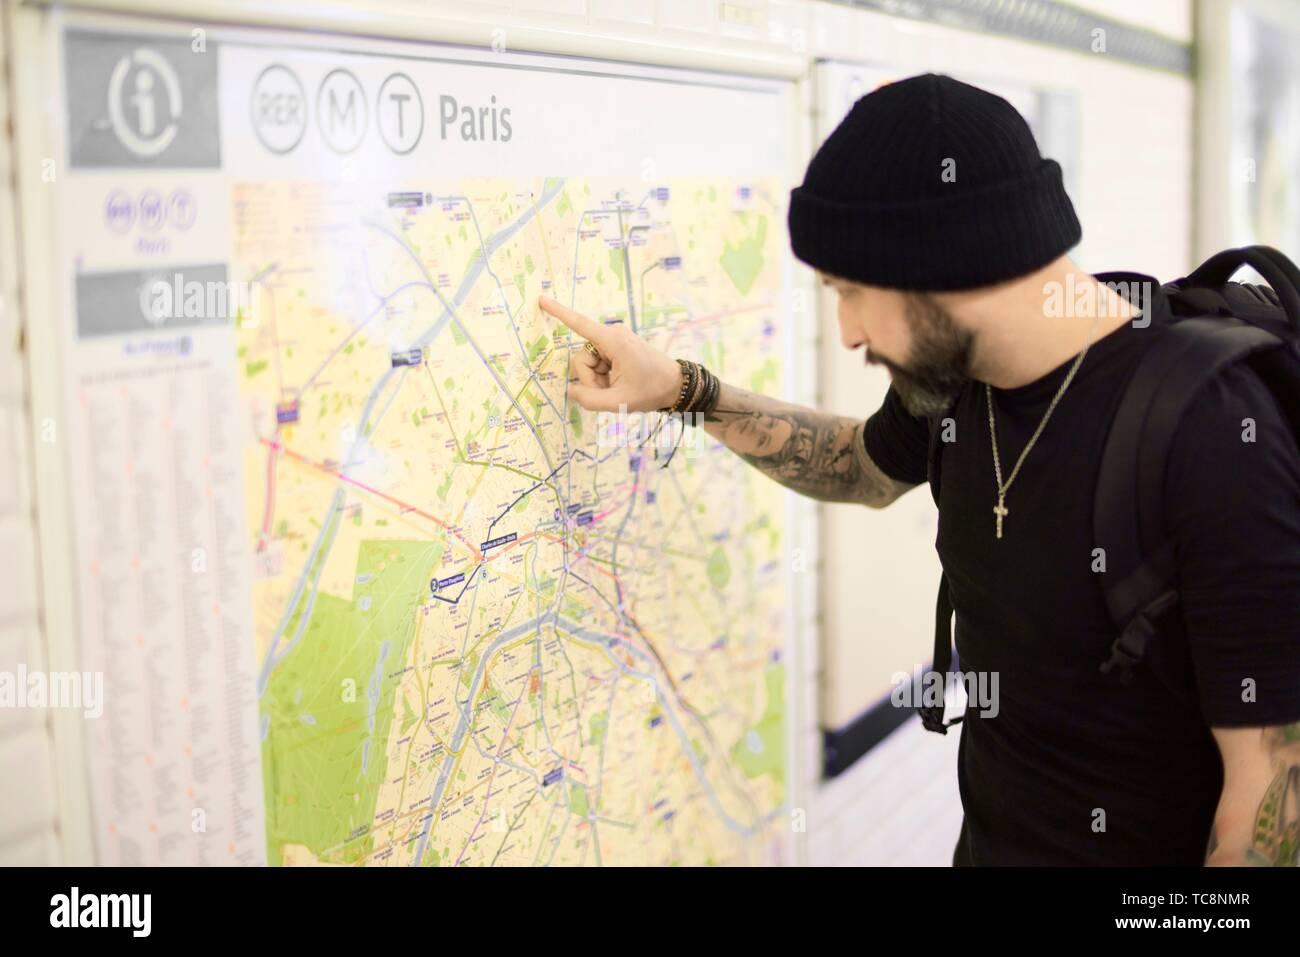 Subway Map Baseball.Man Looking At Map In Subway Station Paris France Stock Photo